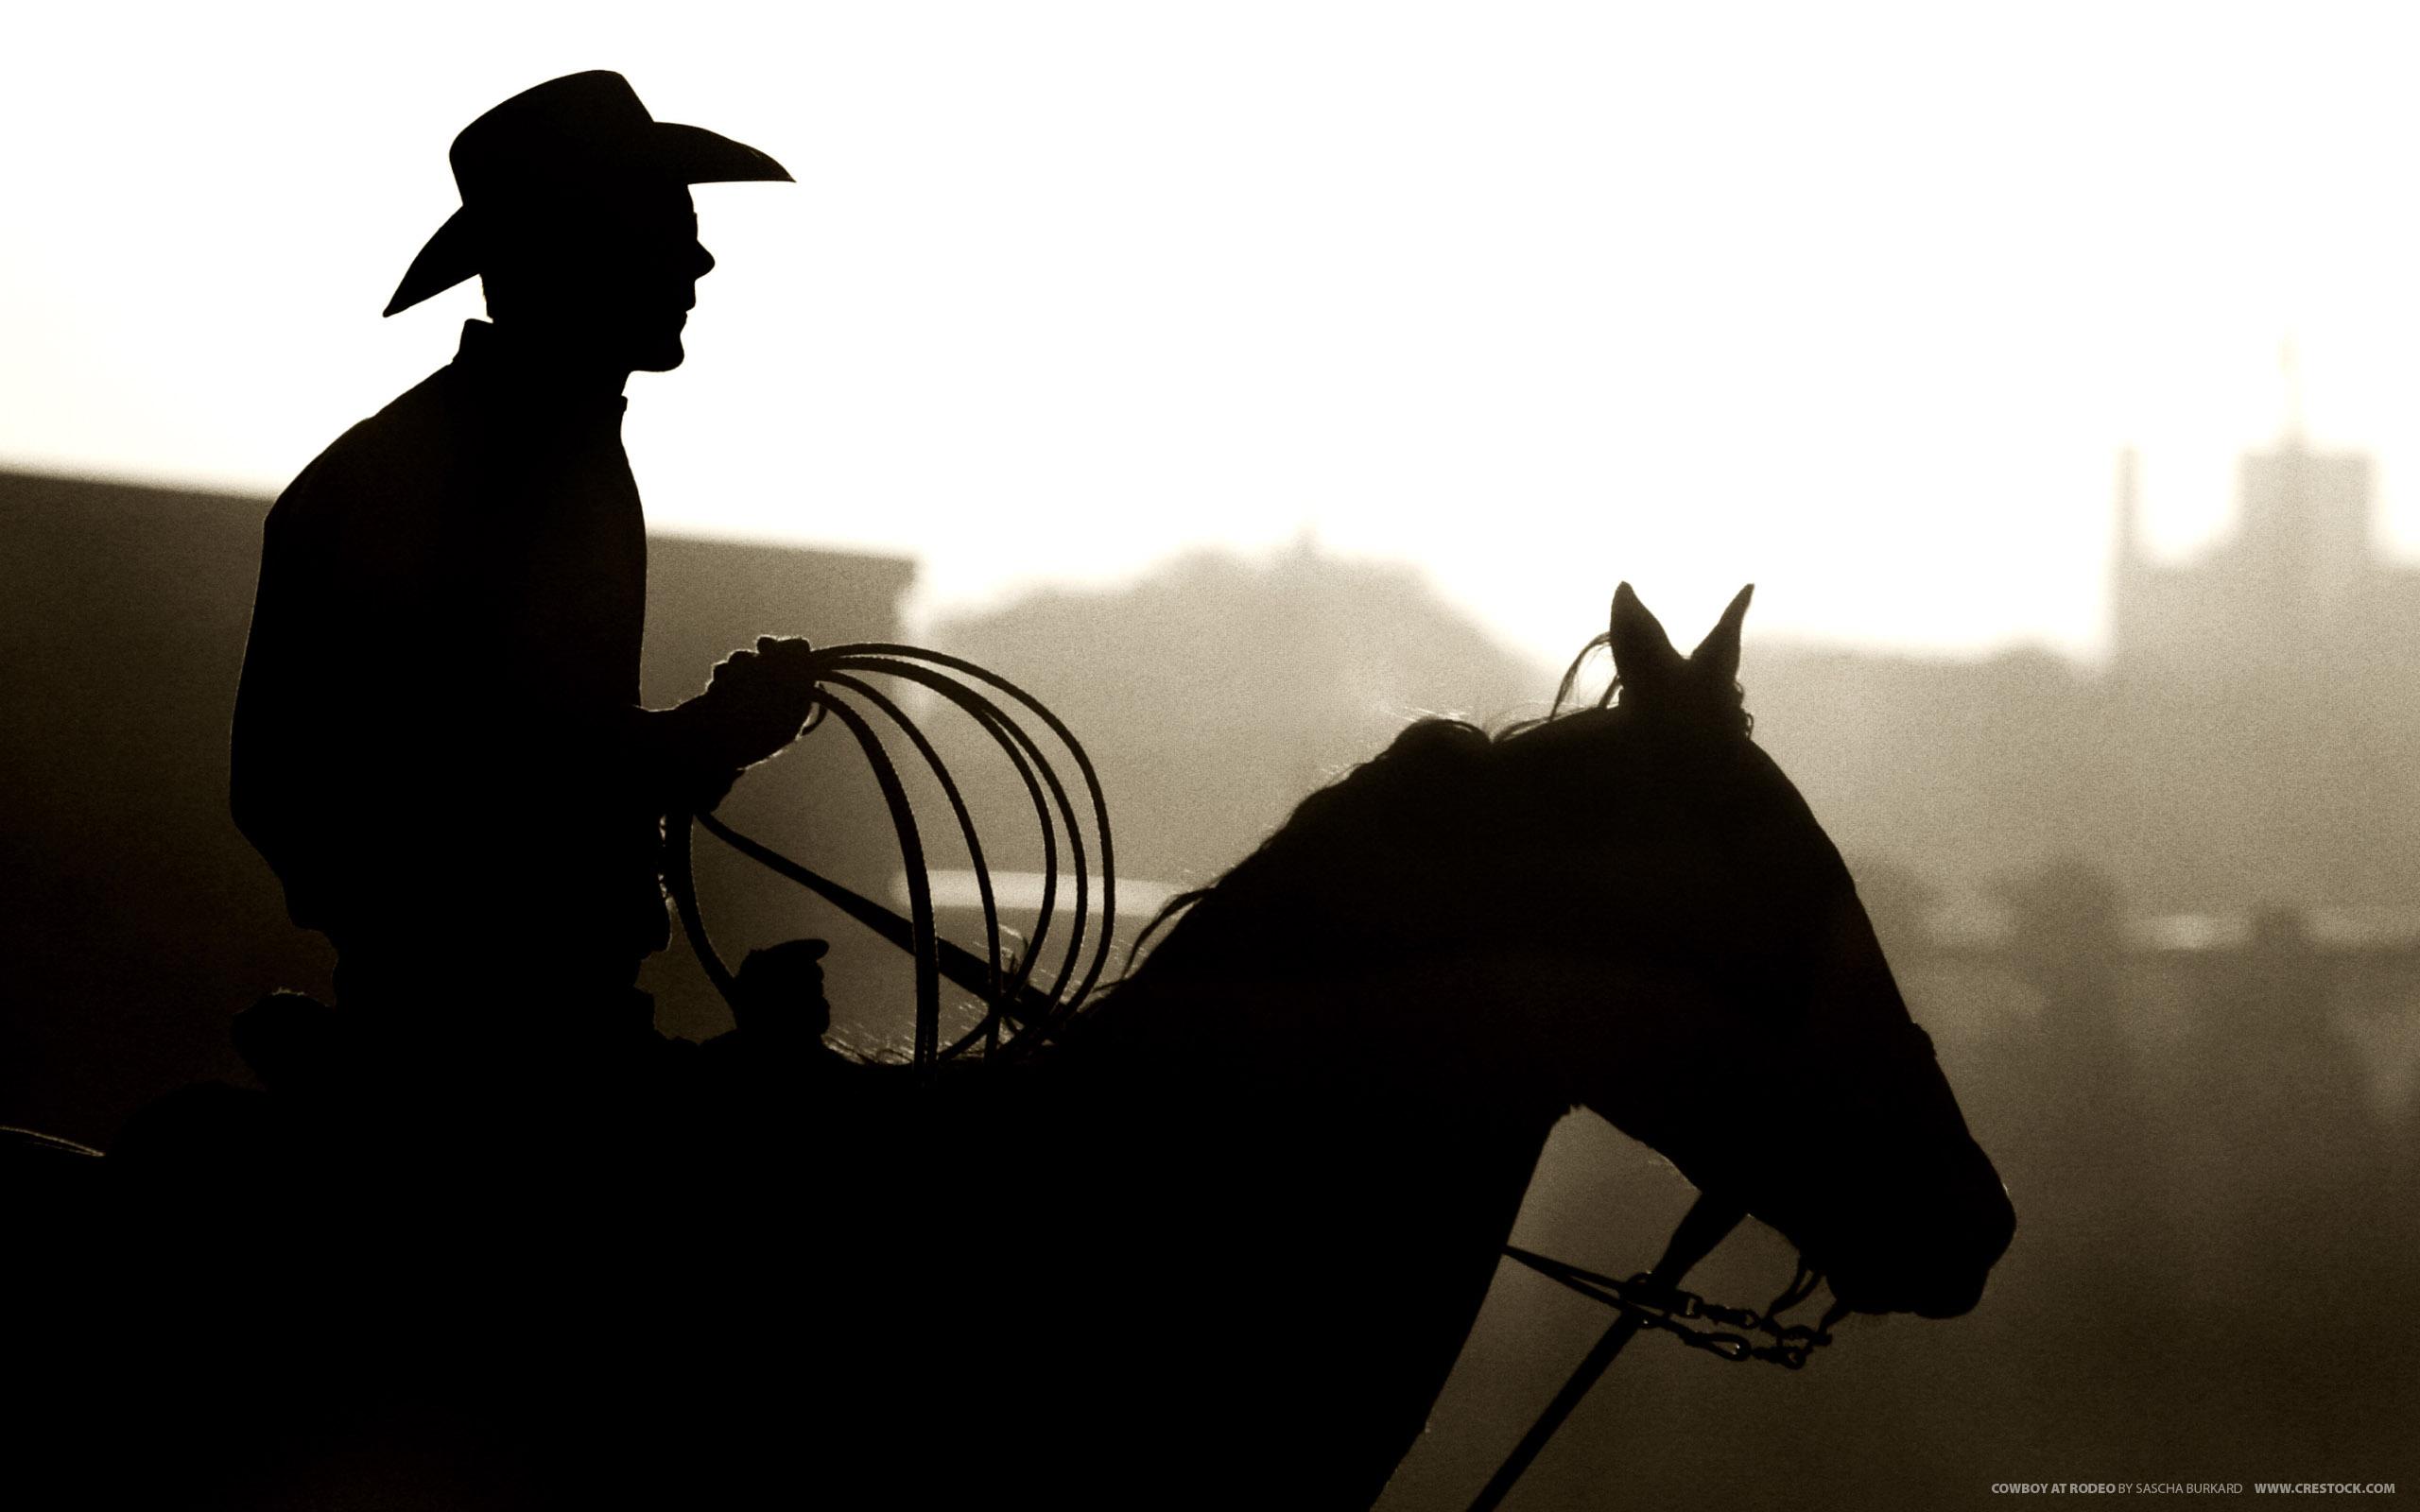 Cowboy At Rodeo 2560x1600 12938 HD Wallpaper Res 2560x1600 2560x1600